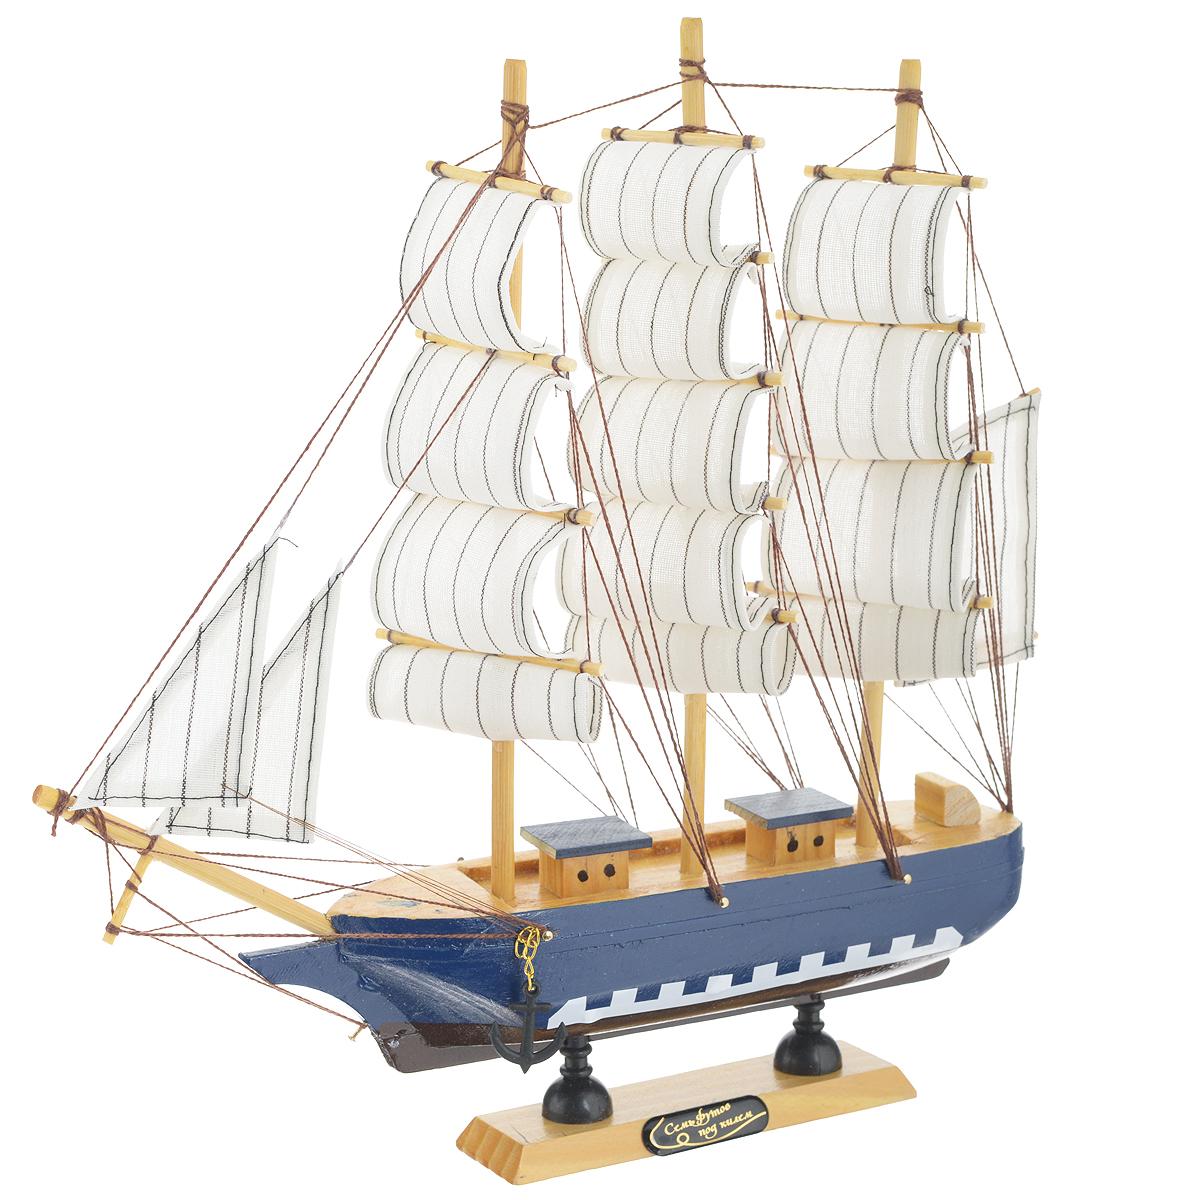 Корабль сувенирный Семь футов под килем, длина 31см. 417199417199Сувенирный корабль Семь футов под килем, изготовленный из дерева и текстиля, это великолепный элемент декора рабочей зоны в офисе или кабинете. Корабль с парусами помещен на деревянную подставку. Время идет, и мы становимся свидетелями развития технического прогресса, новых учений и практик. Но одно не подвластно времени - это любовь человека к морю и кораблям. Сувенирный корабль наполнен историей и силой океанских вод. Данная модель кораблика станет отличным подарком для всех любителей морей, поклонников историй о покорении океанов и неизведанных земель. Модель корабля - подарок со смыслом. Издавна на Руси считалось, что корабли приносят удачу и везение. Поэтому их изображения, фигурки и точные копии всегда присутствовали в помещениях. Удивите себя и своих близких необычным презентом.